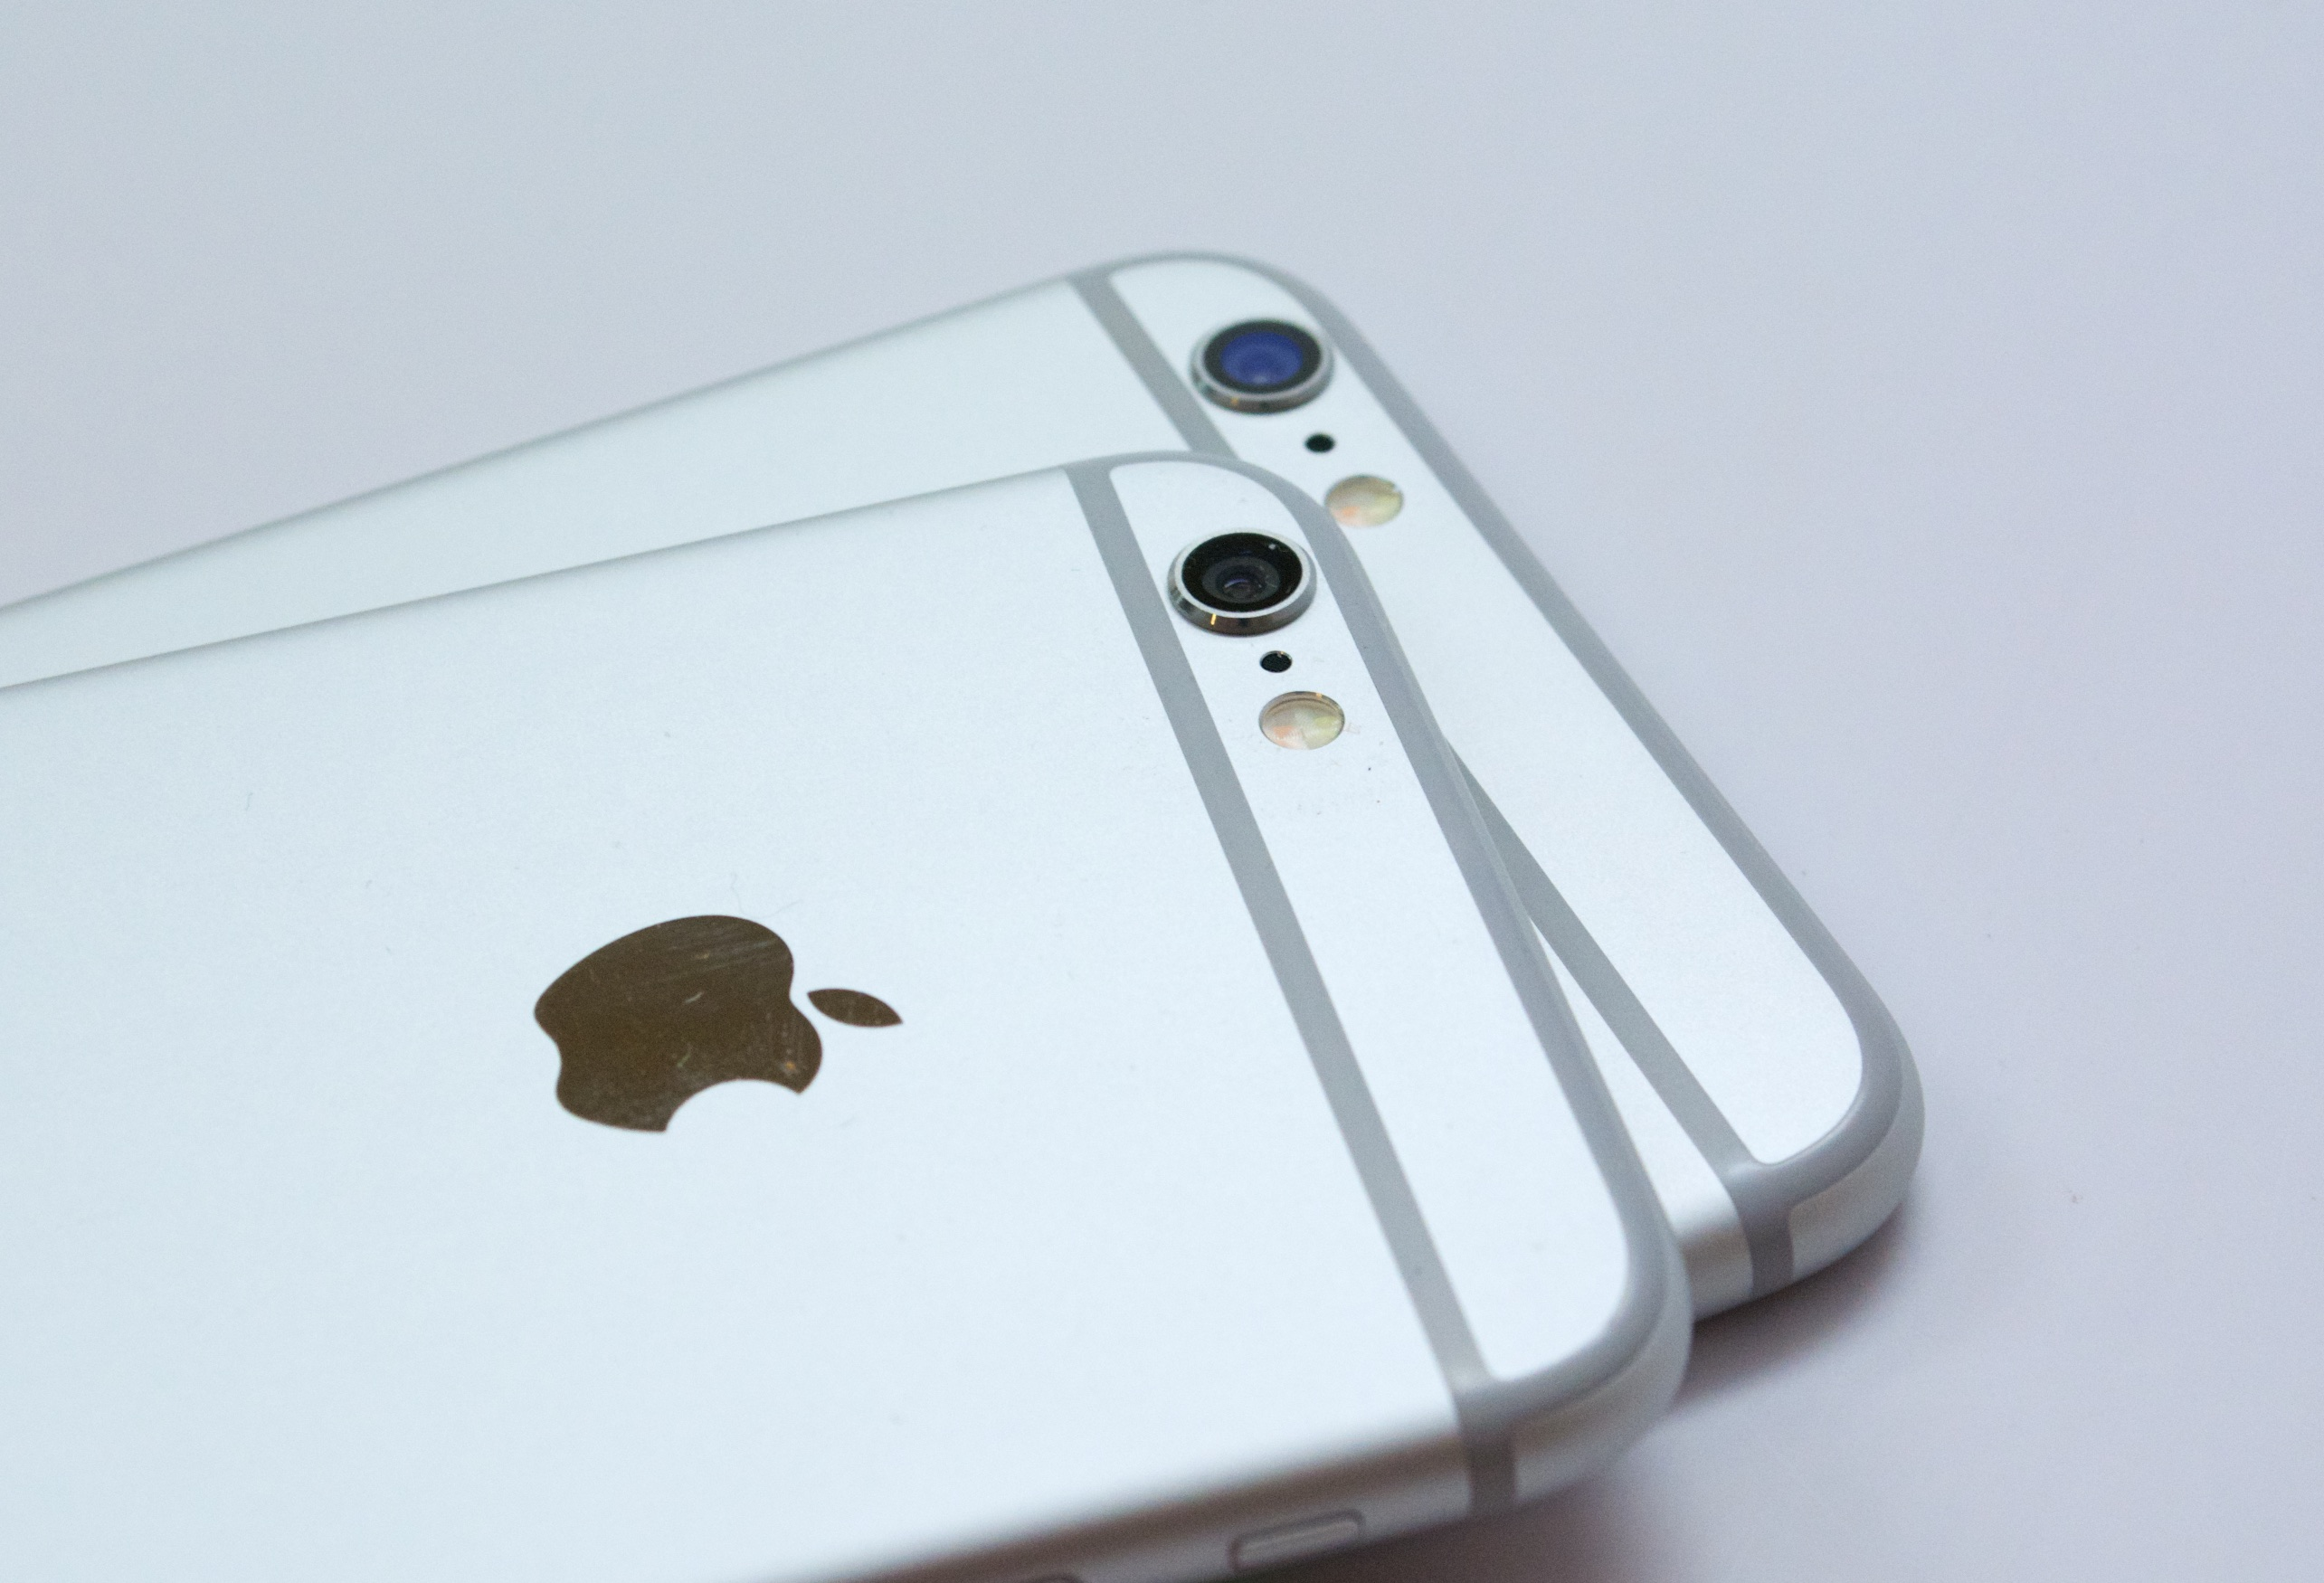 iPhone 6 värt det 2015 - 3